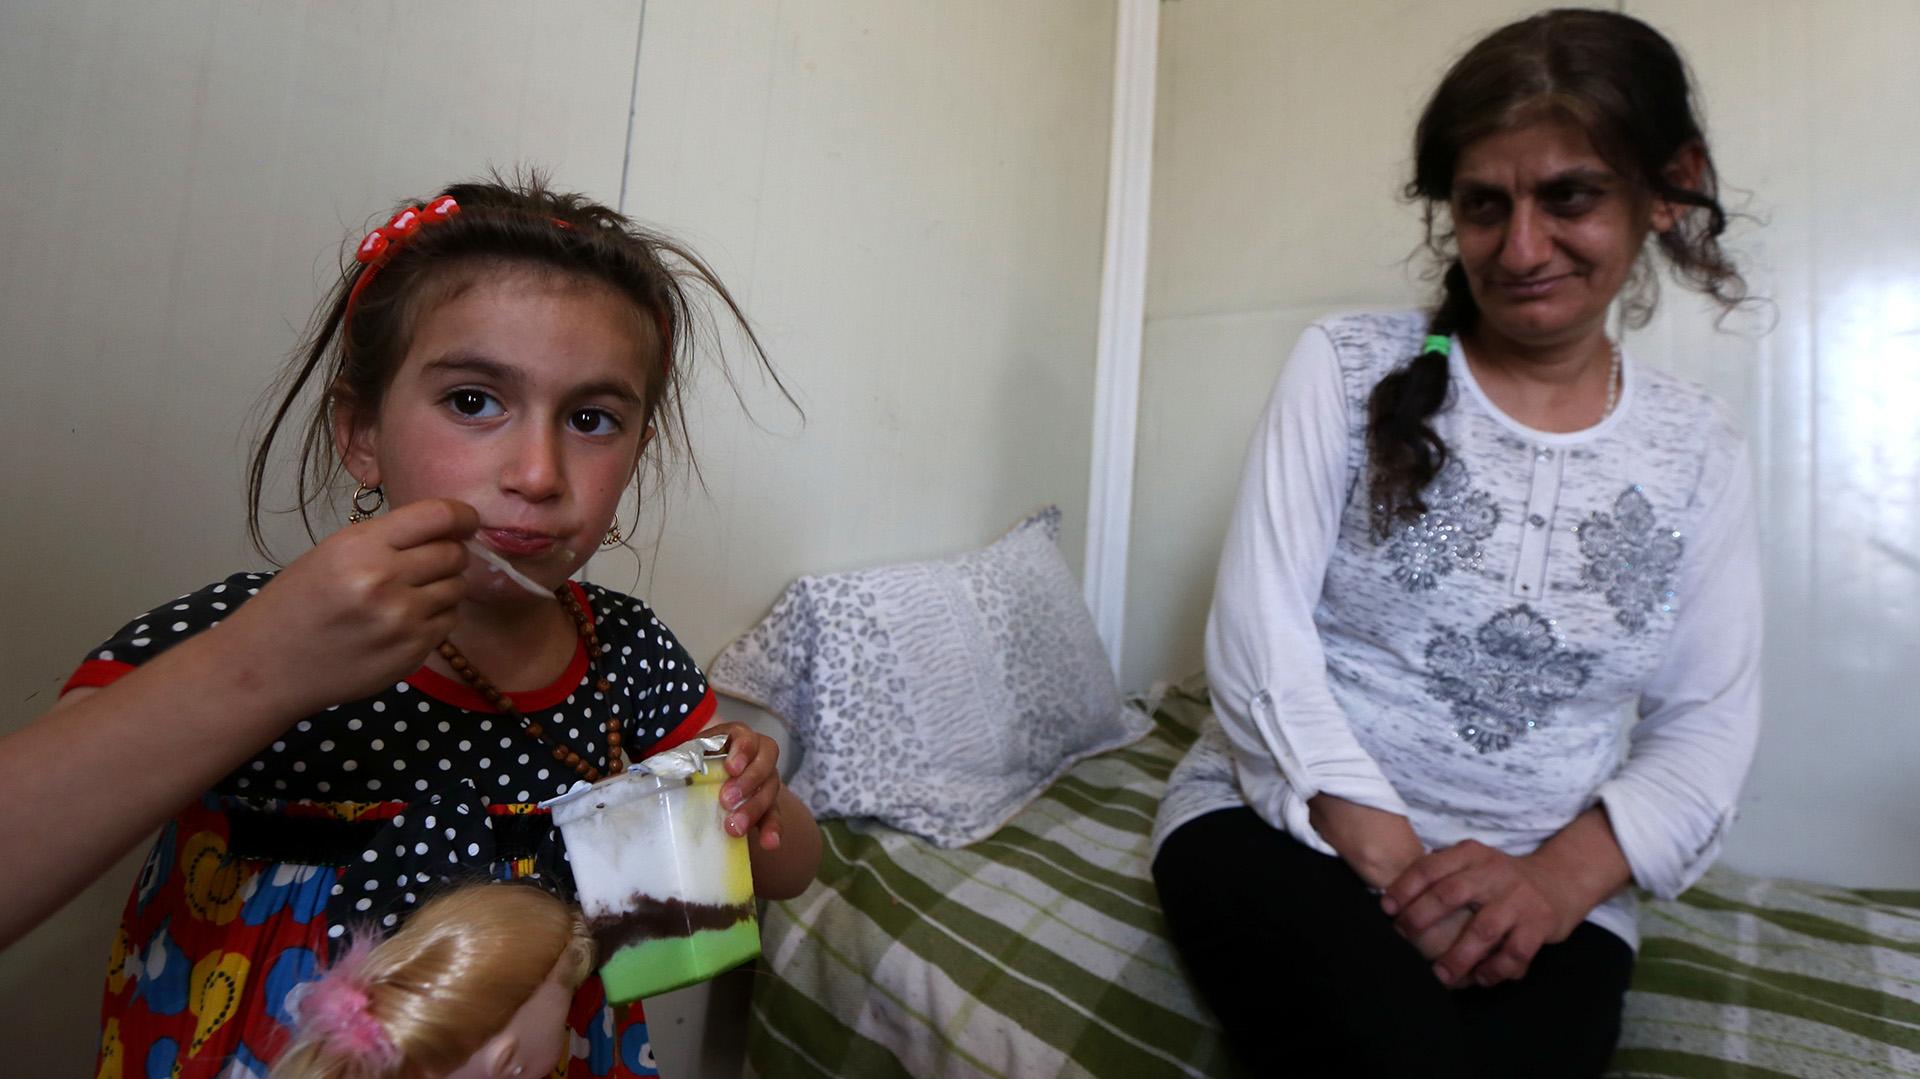 Christinajunto a su madre, después de 3 años separadas (AFP PHOTO)